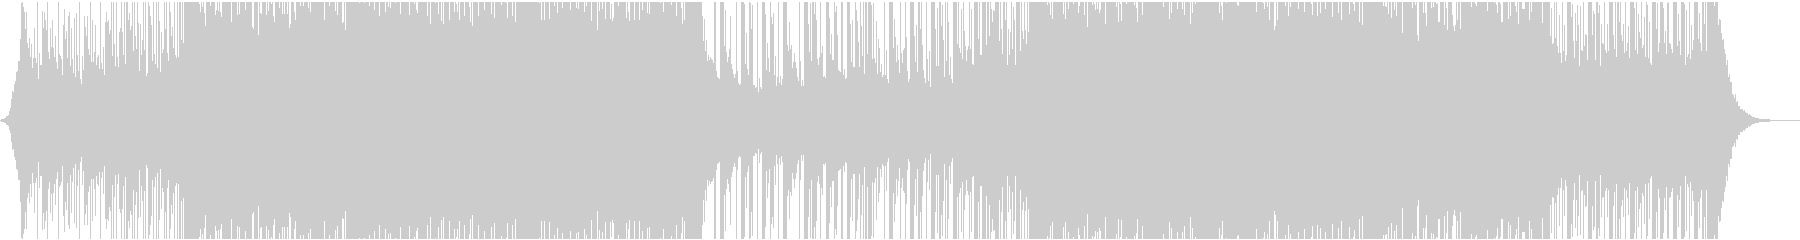 アンビエントミュージック 未来の技...の未再生の波形